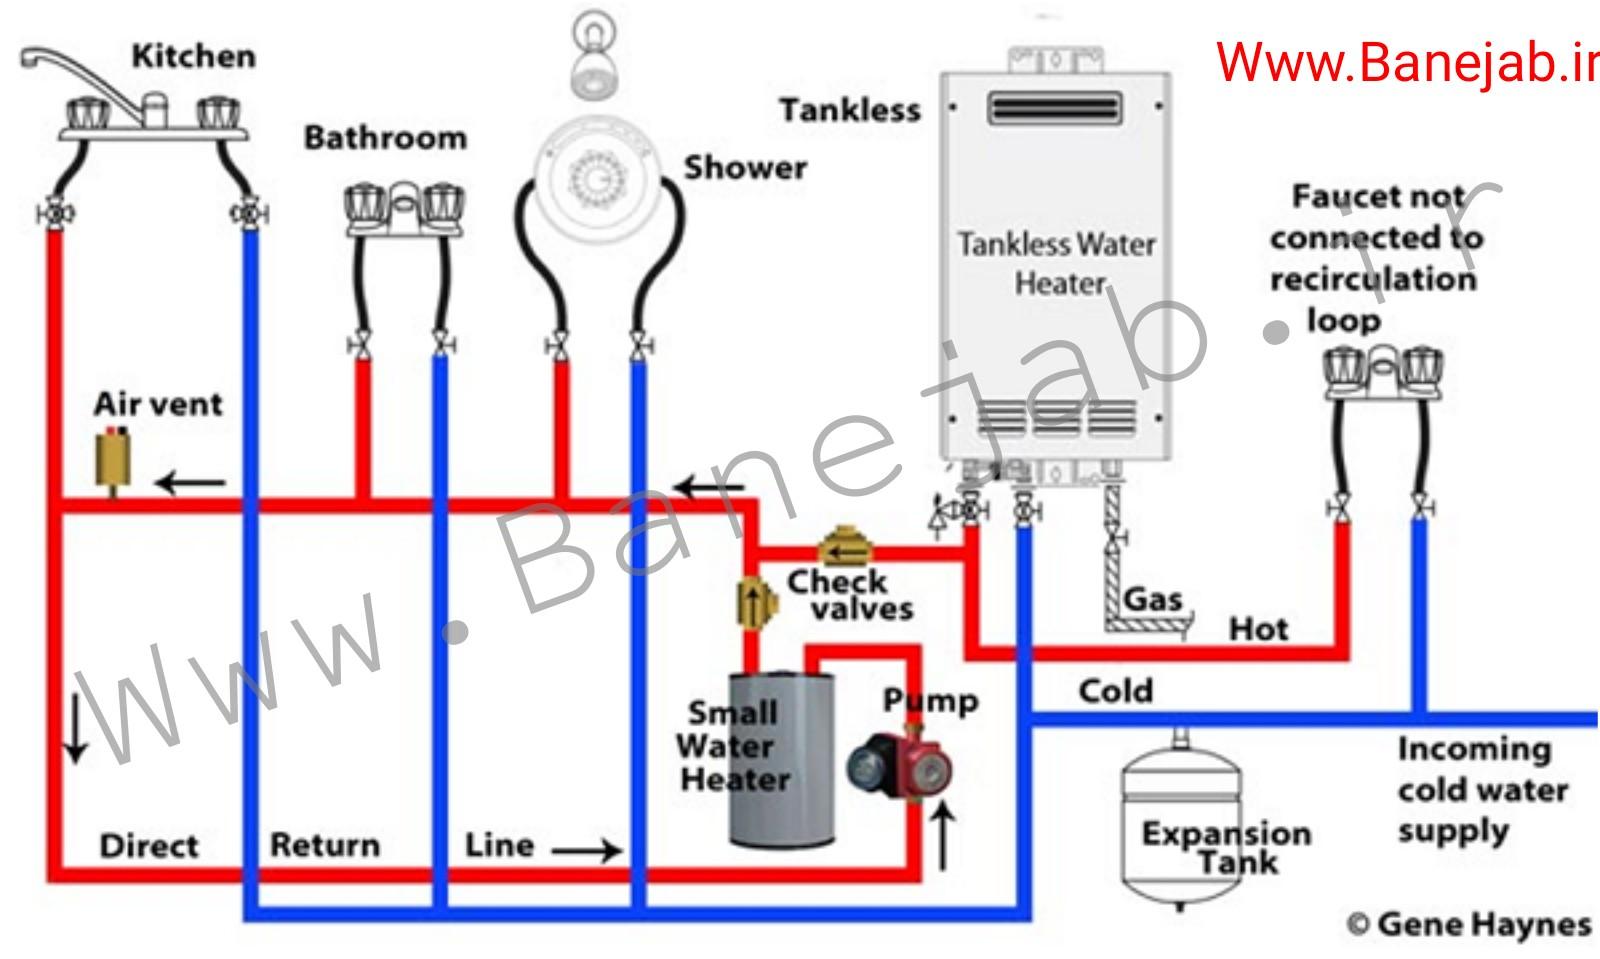 ارتباط مسیرهای آب گرم و سرد سیستم لوله کشی ساختمان